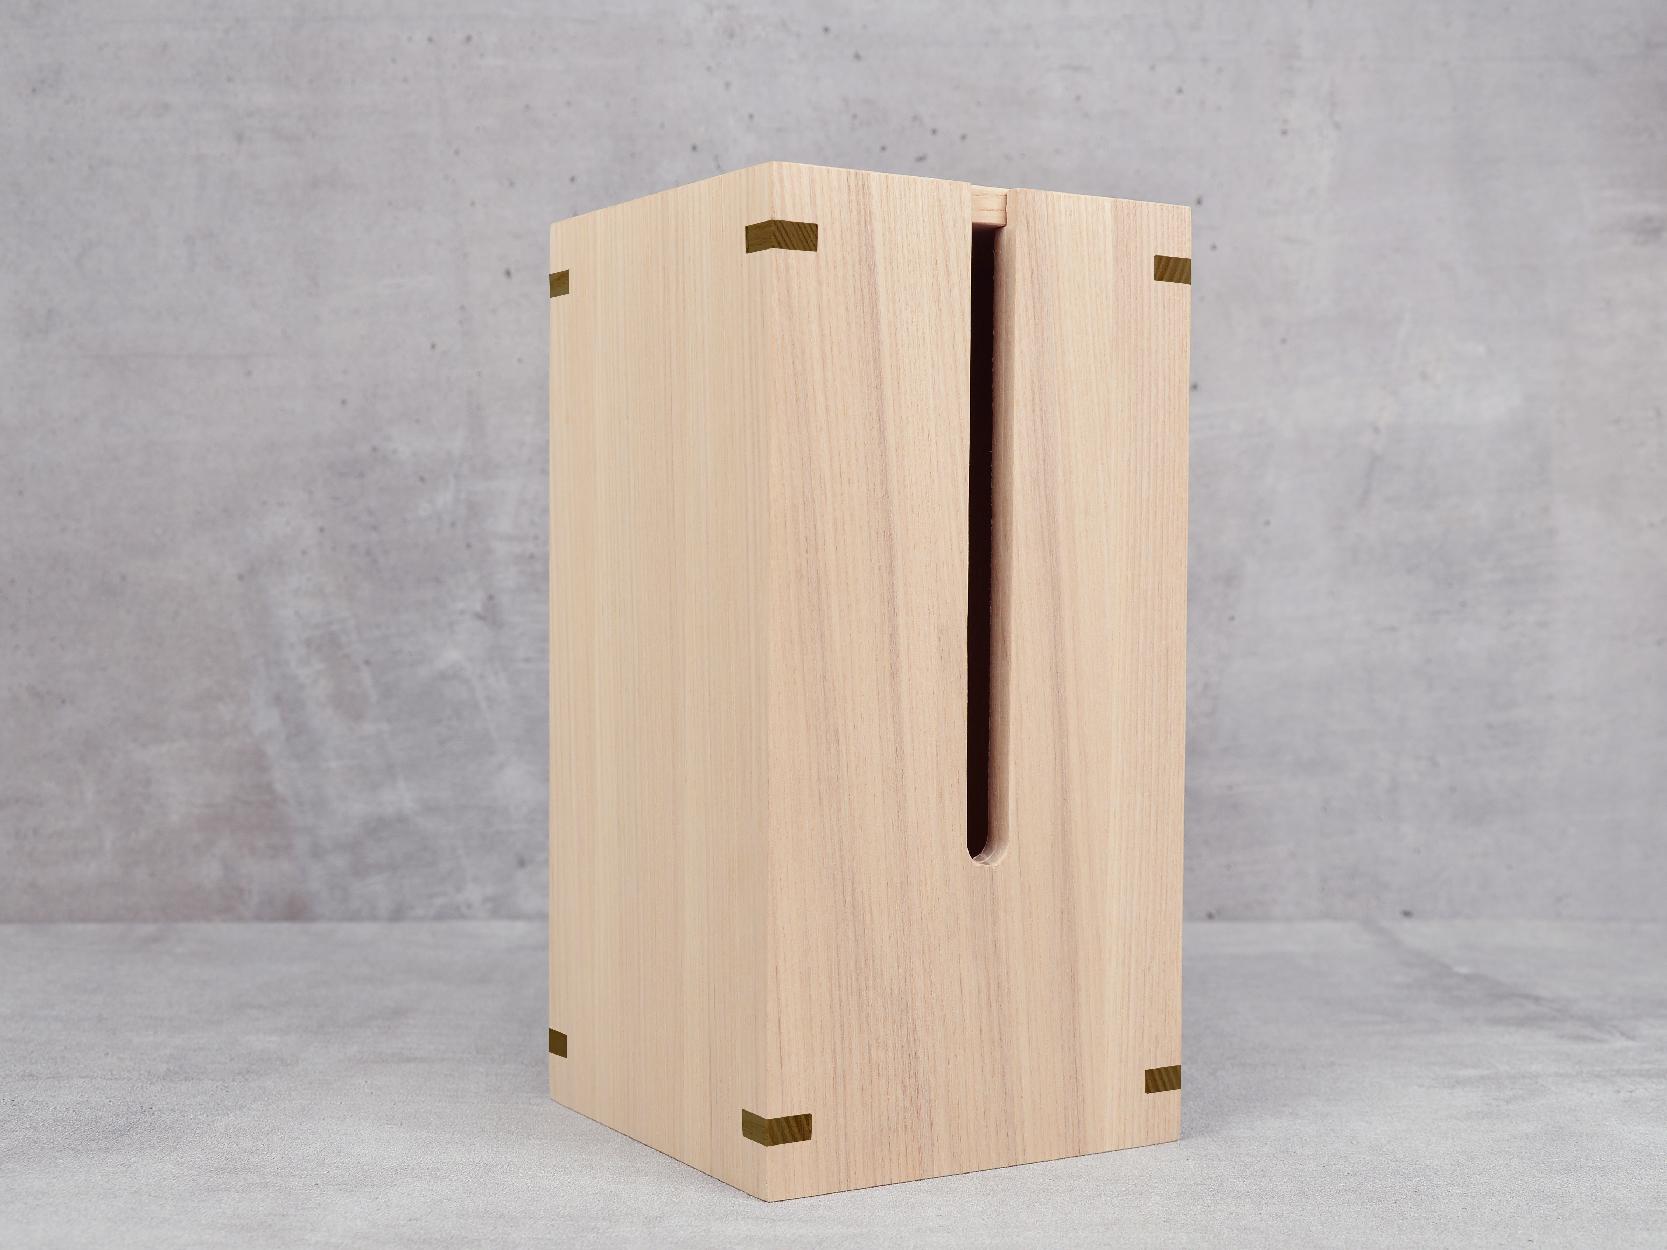 源面紙盒(胡桃) / Origin Tissue Box